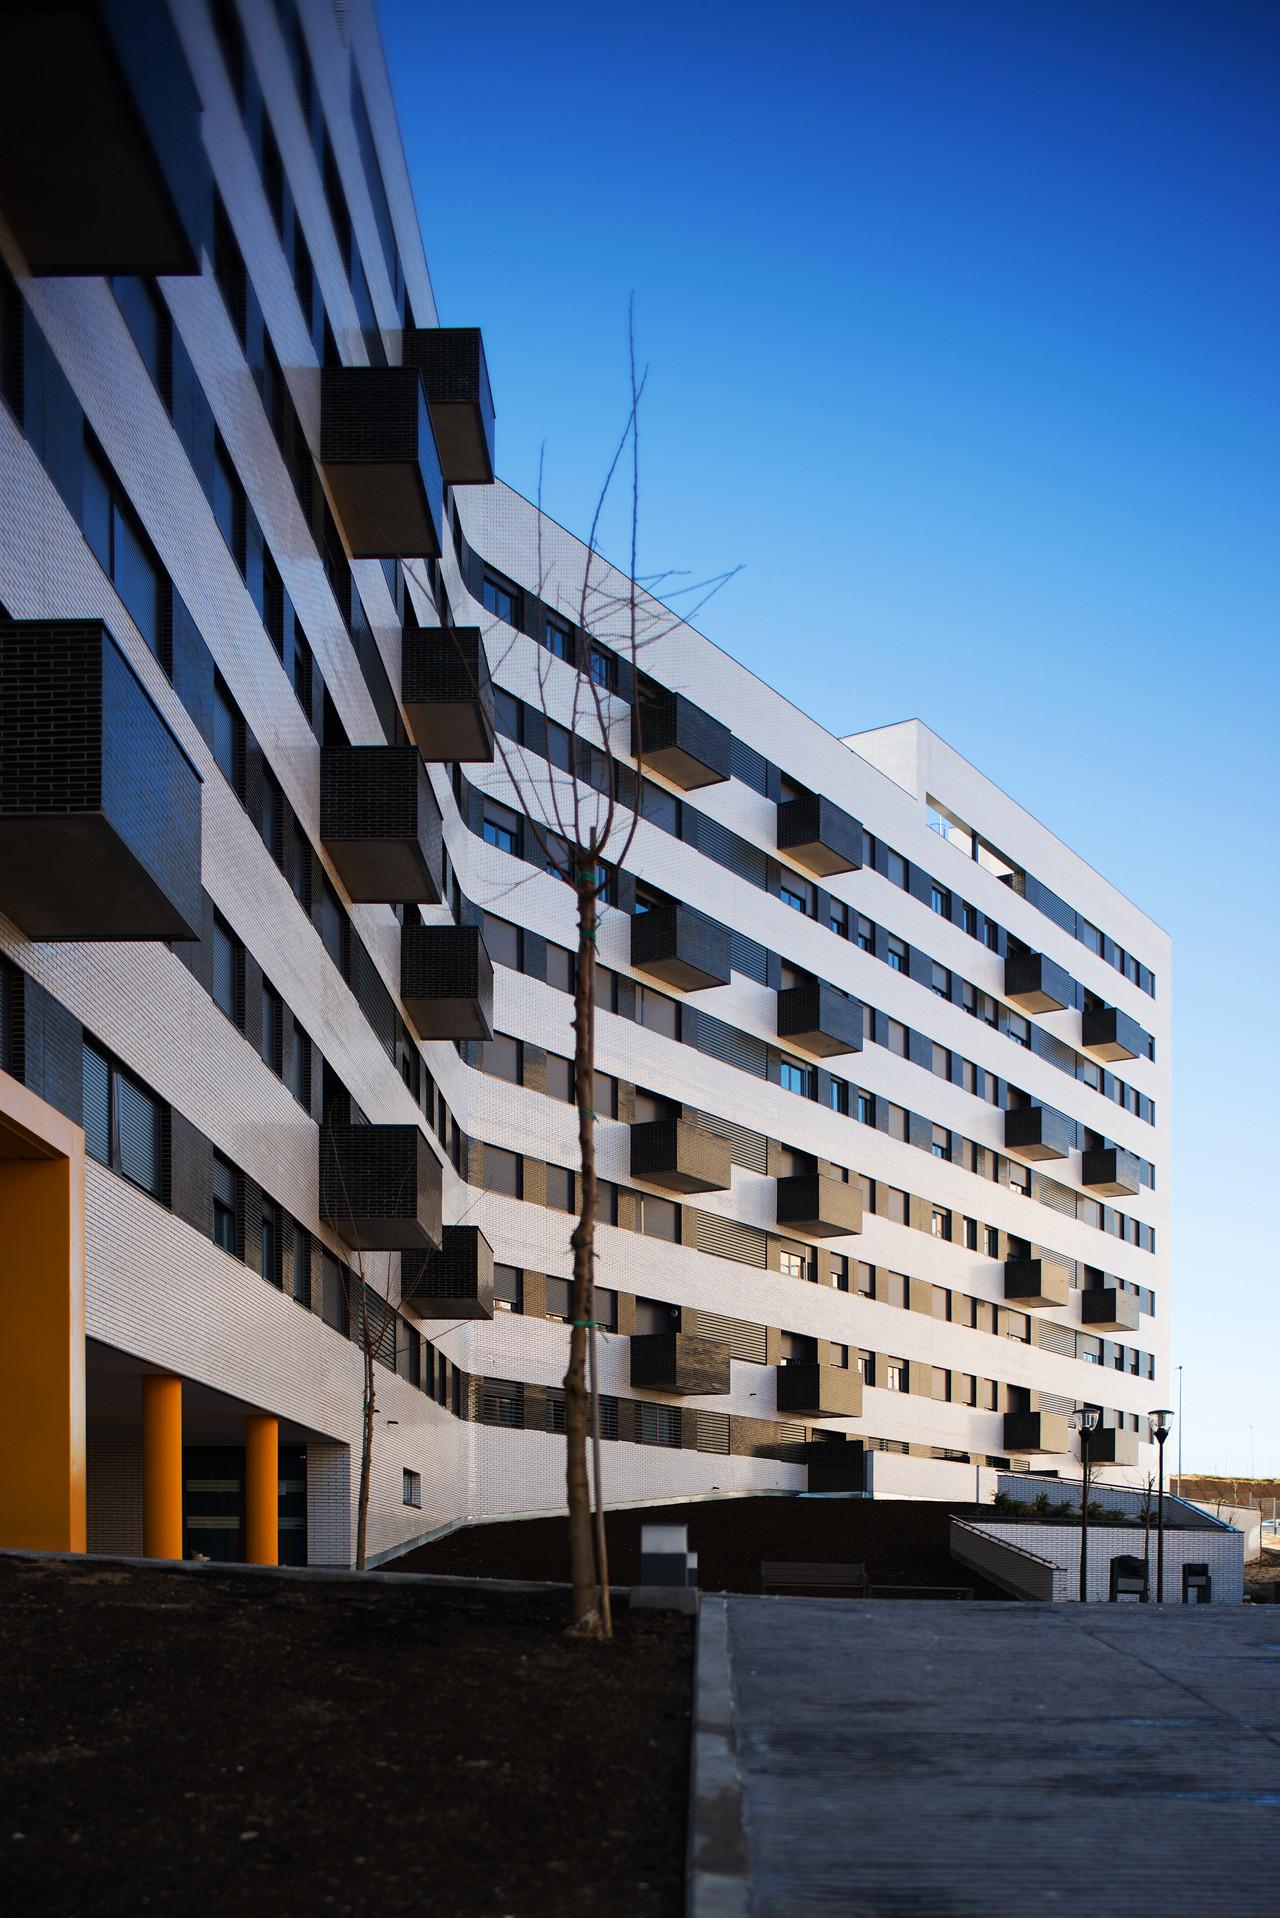 Vivienda en tres cantos piso en plaza del toro with vivienda en tres cantos excellent reforma - Viviendas tres cantos ...